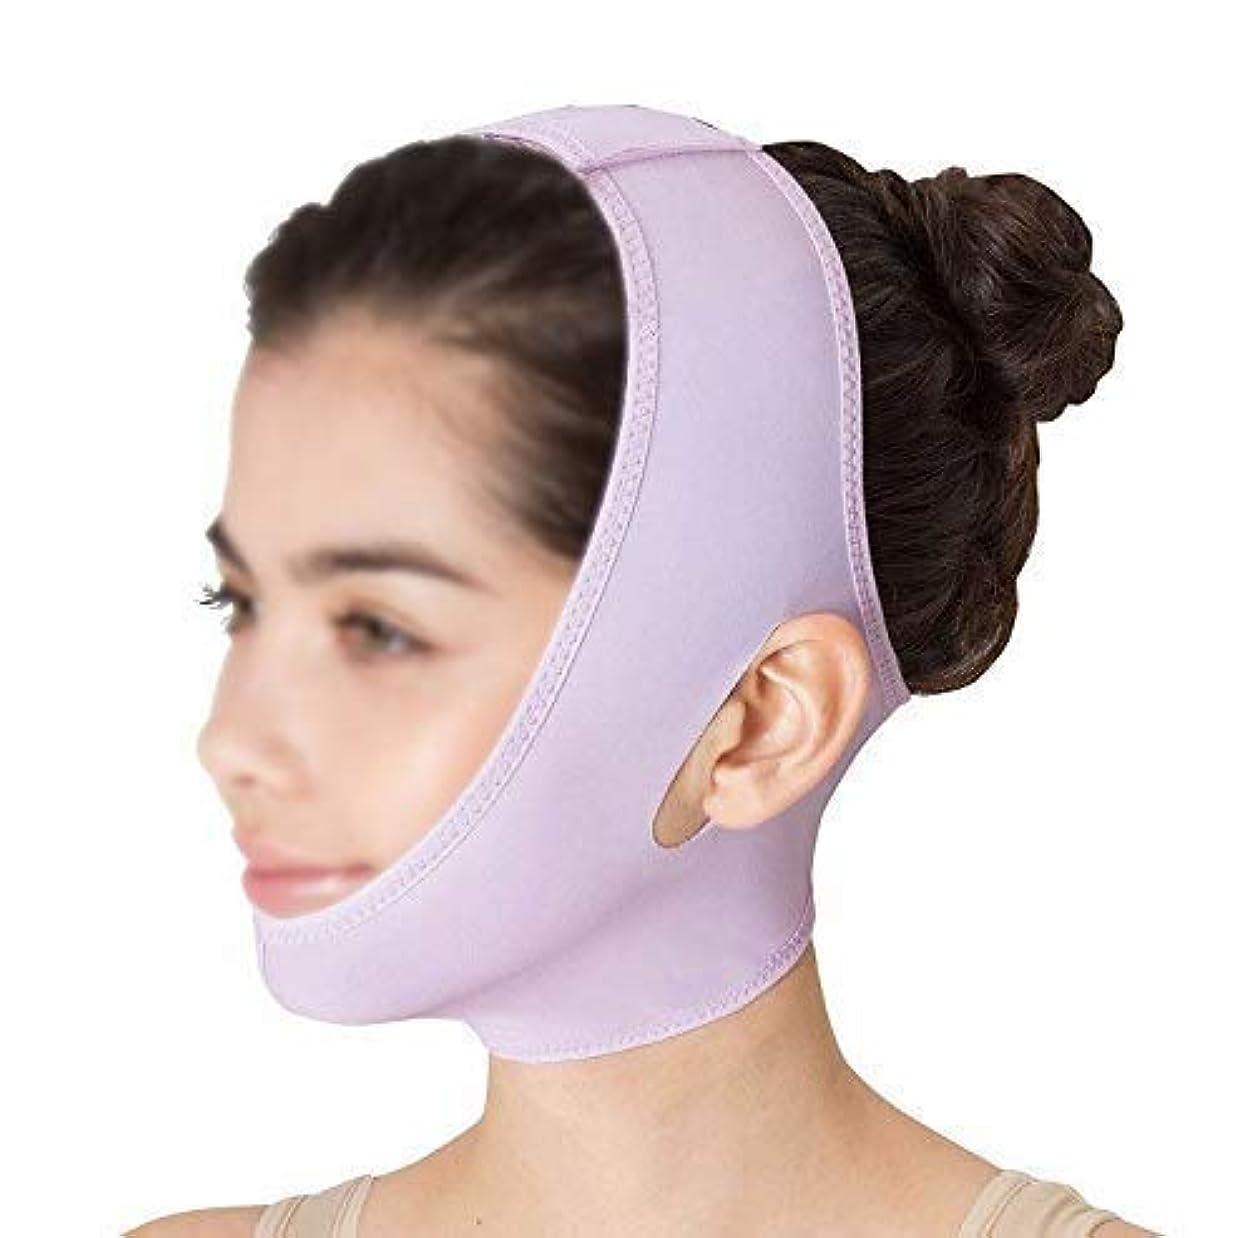 案件できればまどろみのあるフェイシャルマスク、リフティングアーティファクトフェイスマスク垂れ下がった小さなVフェイスバンデージ付きの顔 スリーピングフェイスダブルチンチンセットスリープエラスティックスリミングベルト